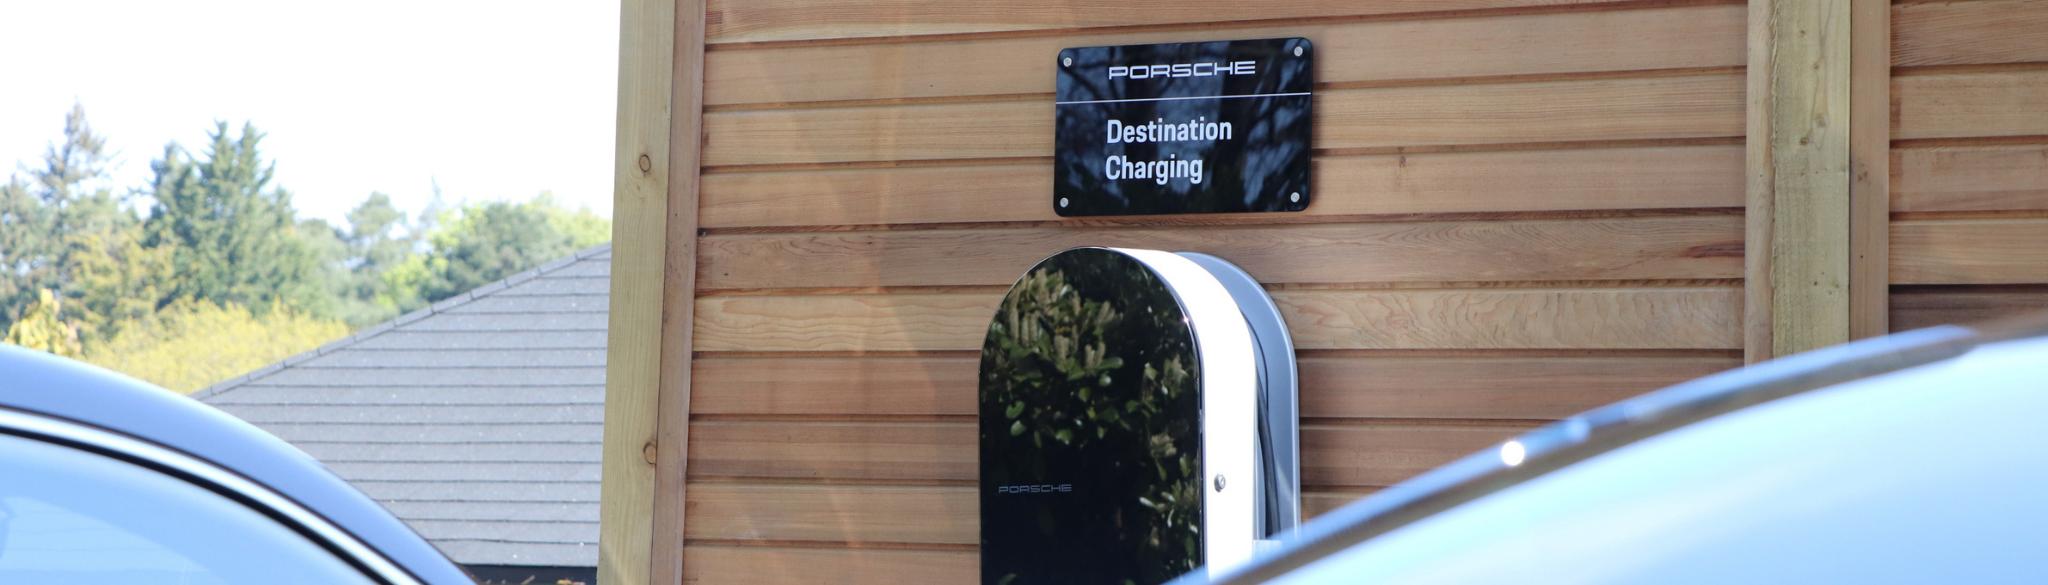 Porsche Destination Charging Homewood Bath Hotel